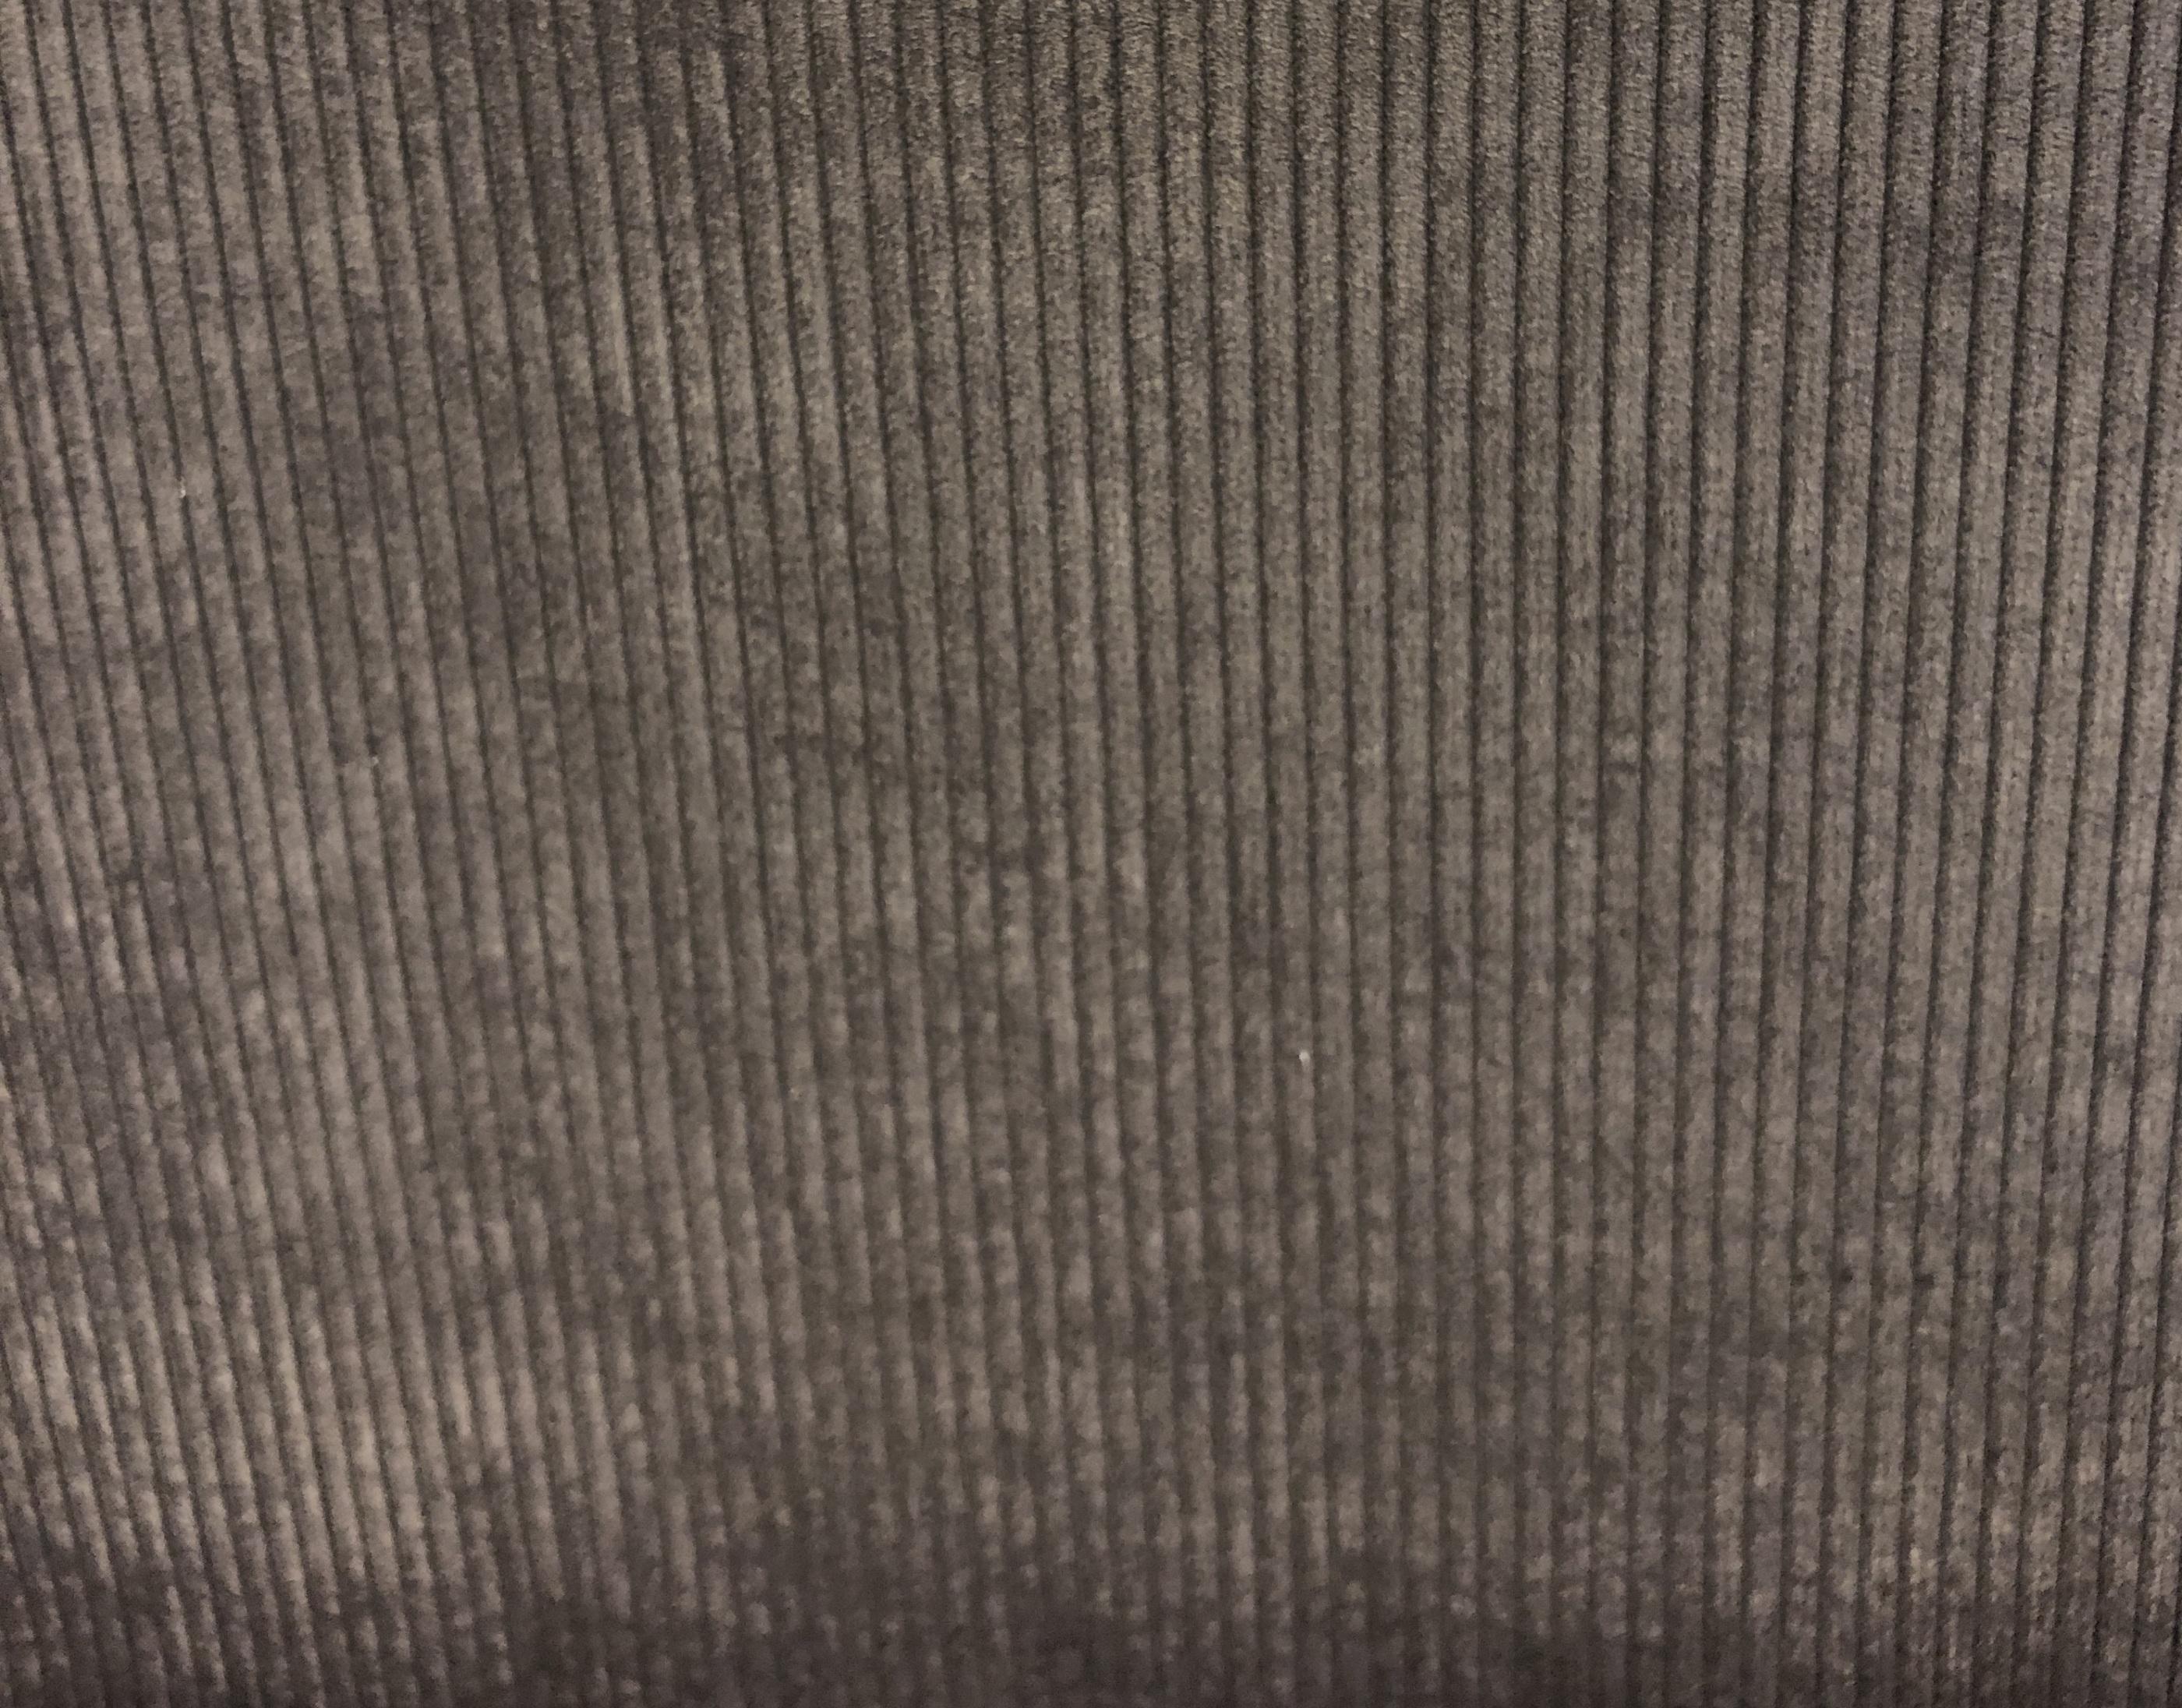 manchester metervara modetyg laholm tyglust gråbrun grå brun